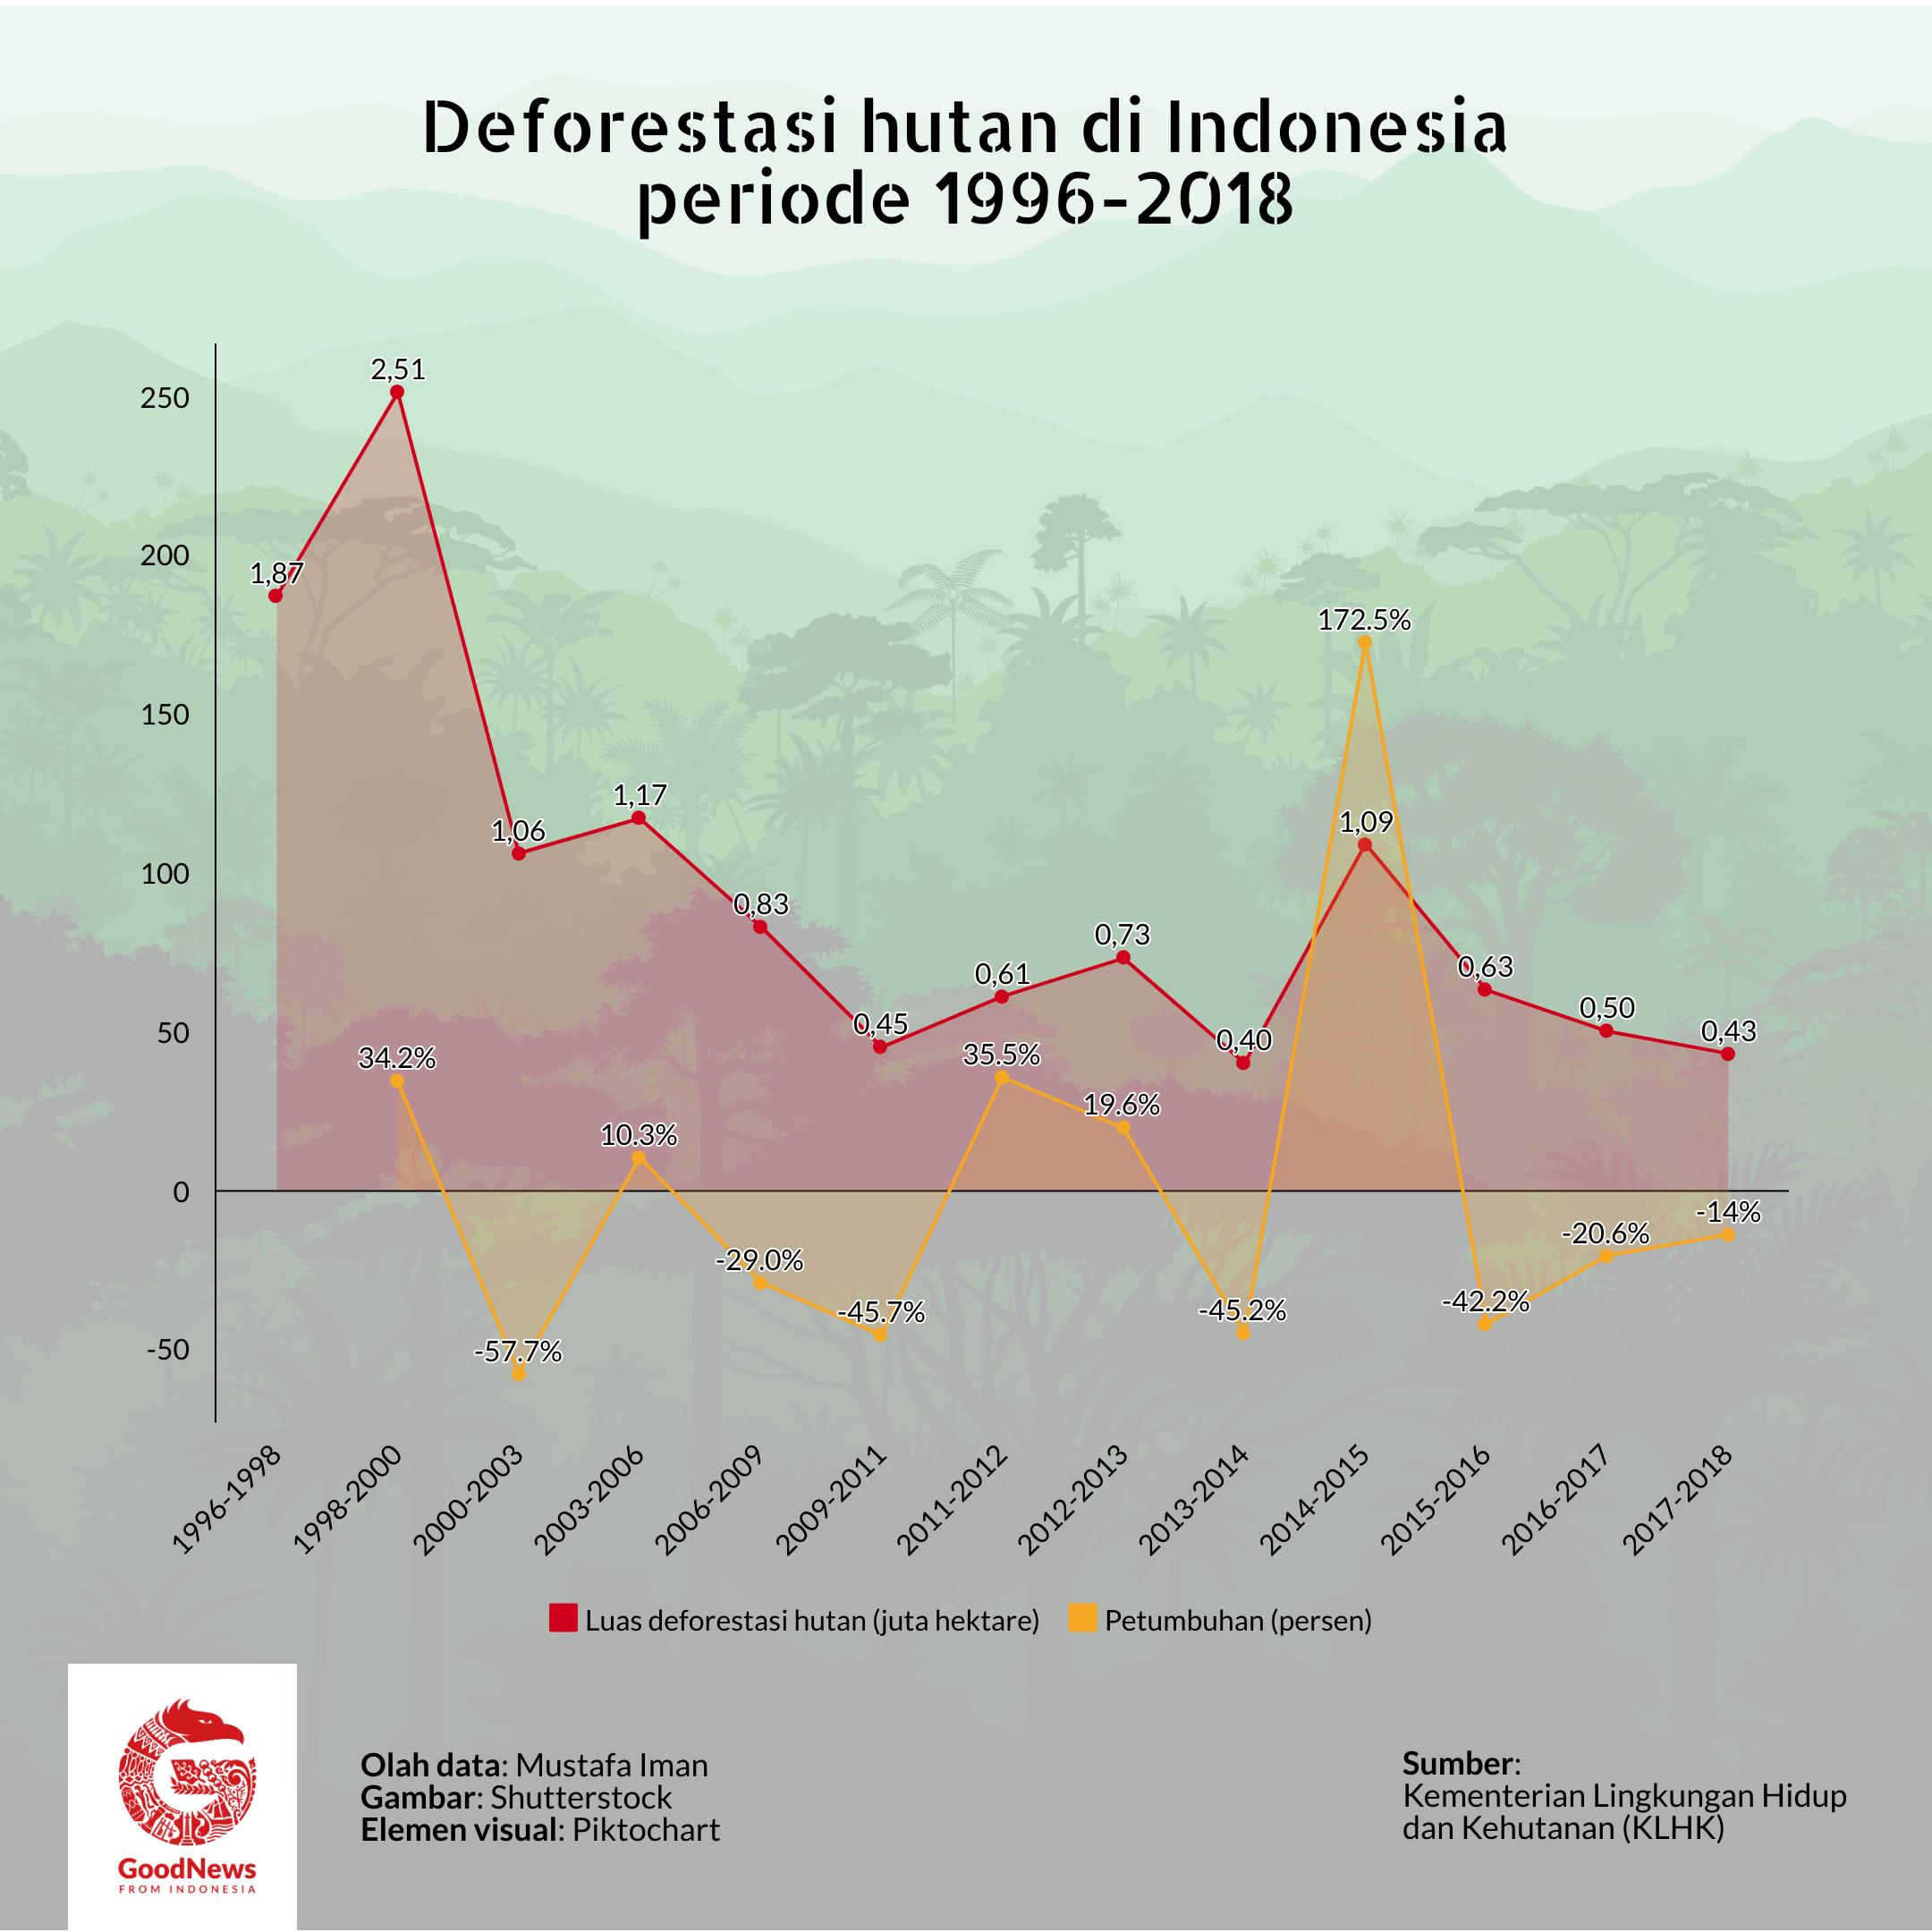 Jumlah deforestasi hutan di Indonesia 1986-2018